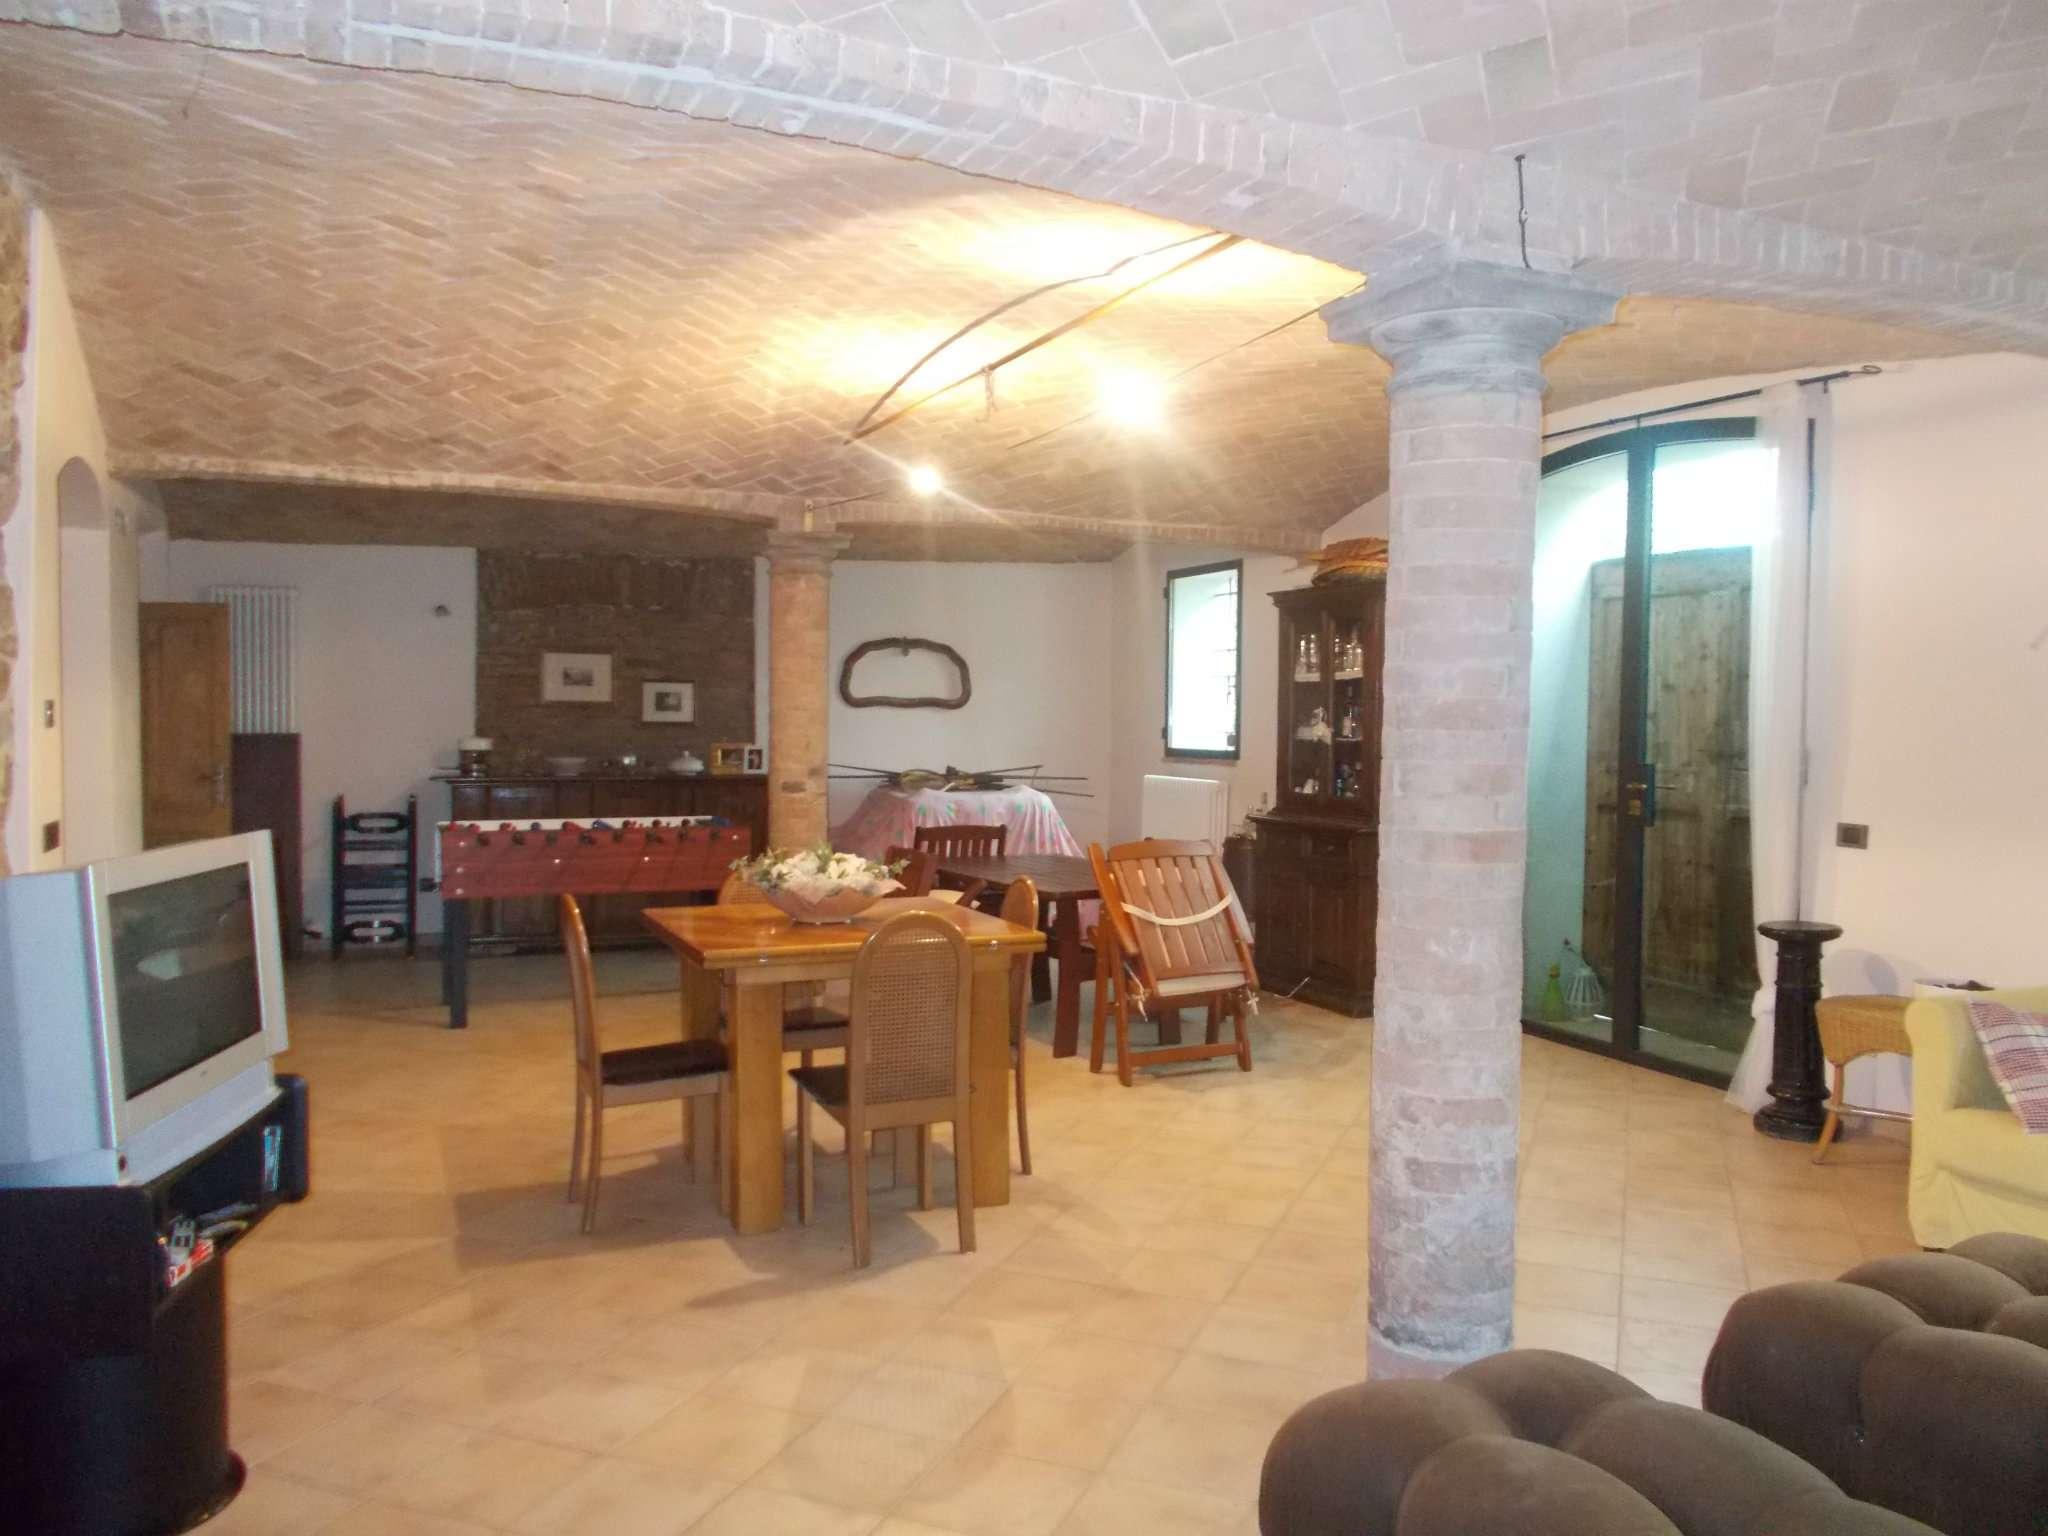 Rustico / Casale in vendita a Quattro Castella, 9999 locali, prezzo € 180.000 | Cambio Casa.it